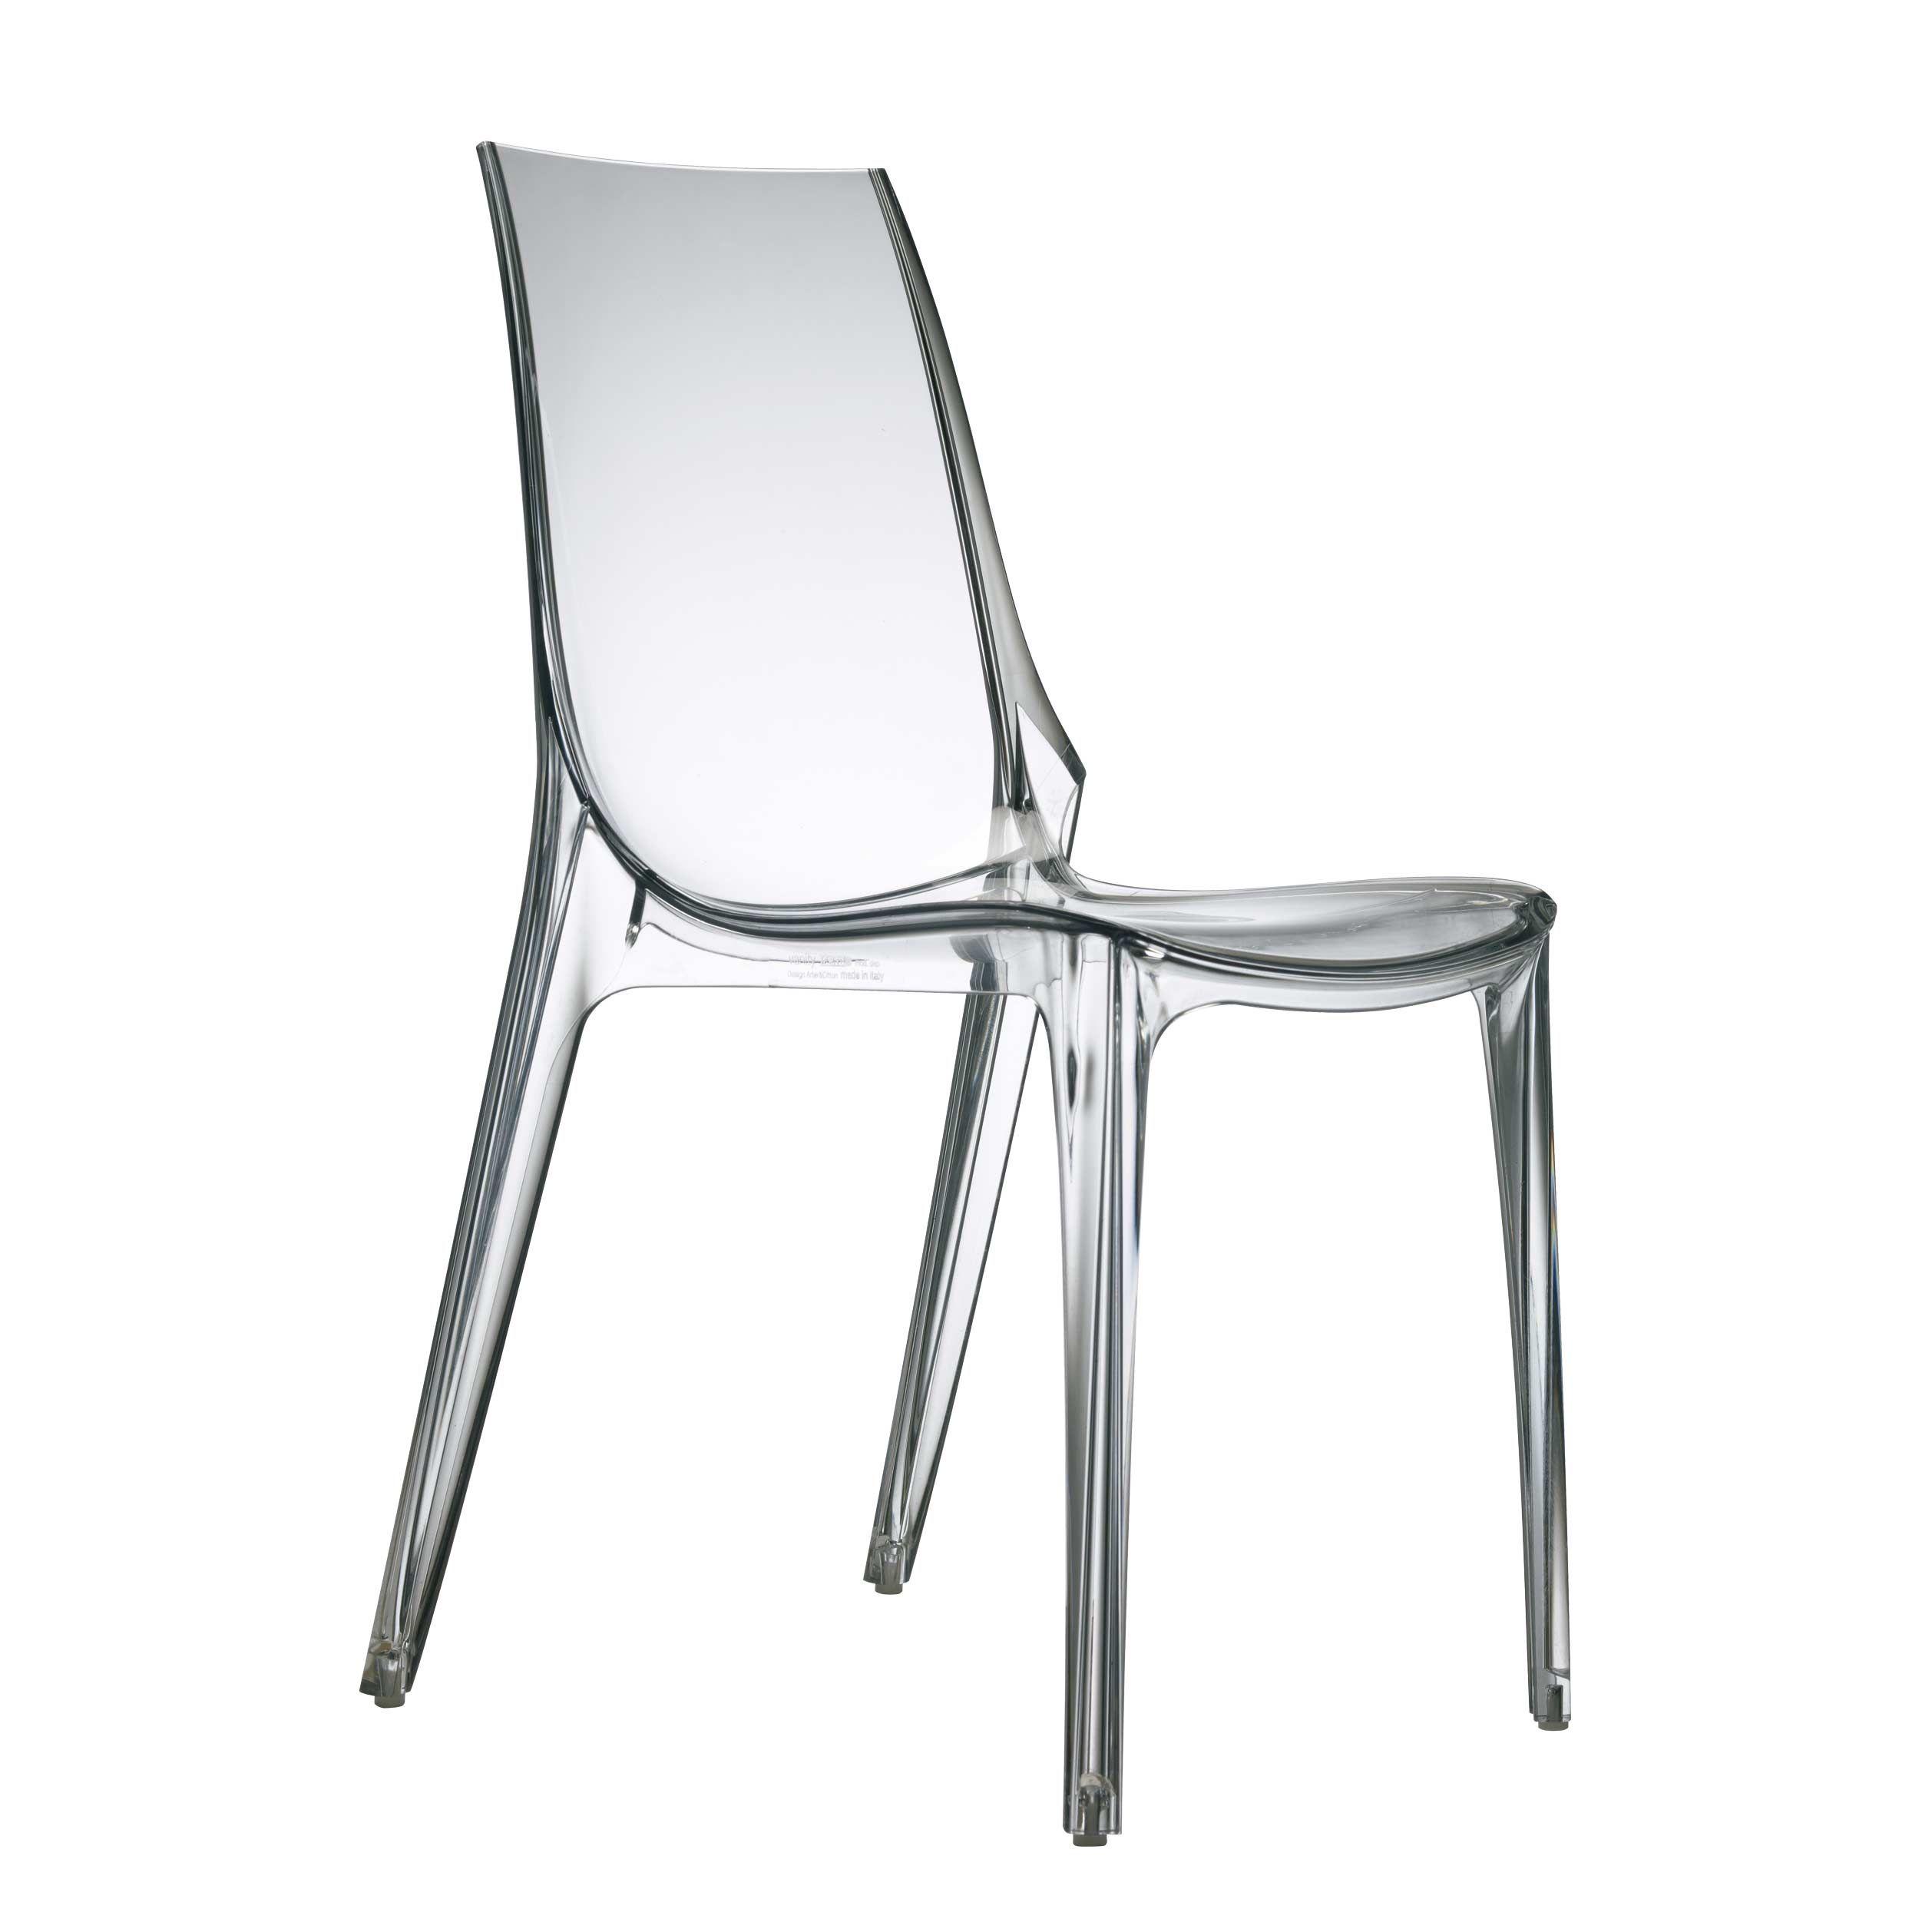 Venta online de sillas y sillones para el hogar, cocina, oficina ...